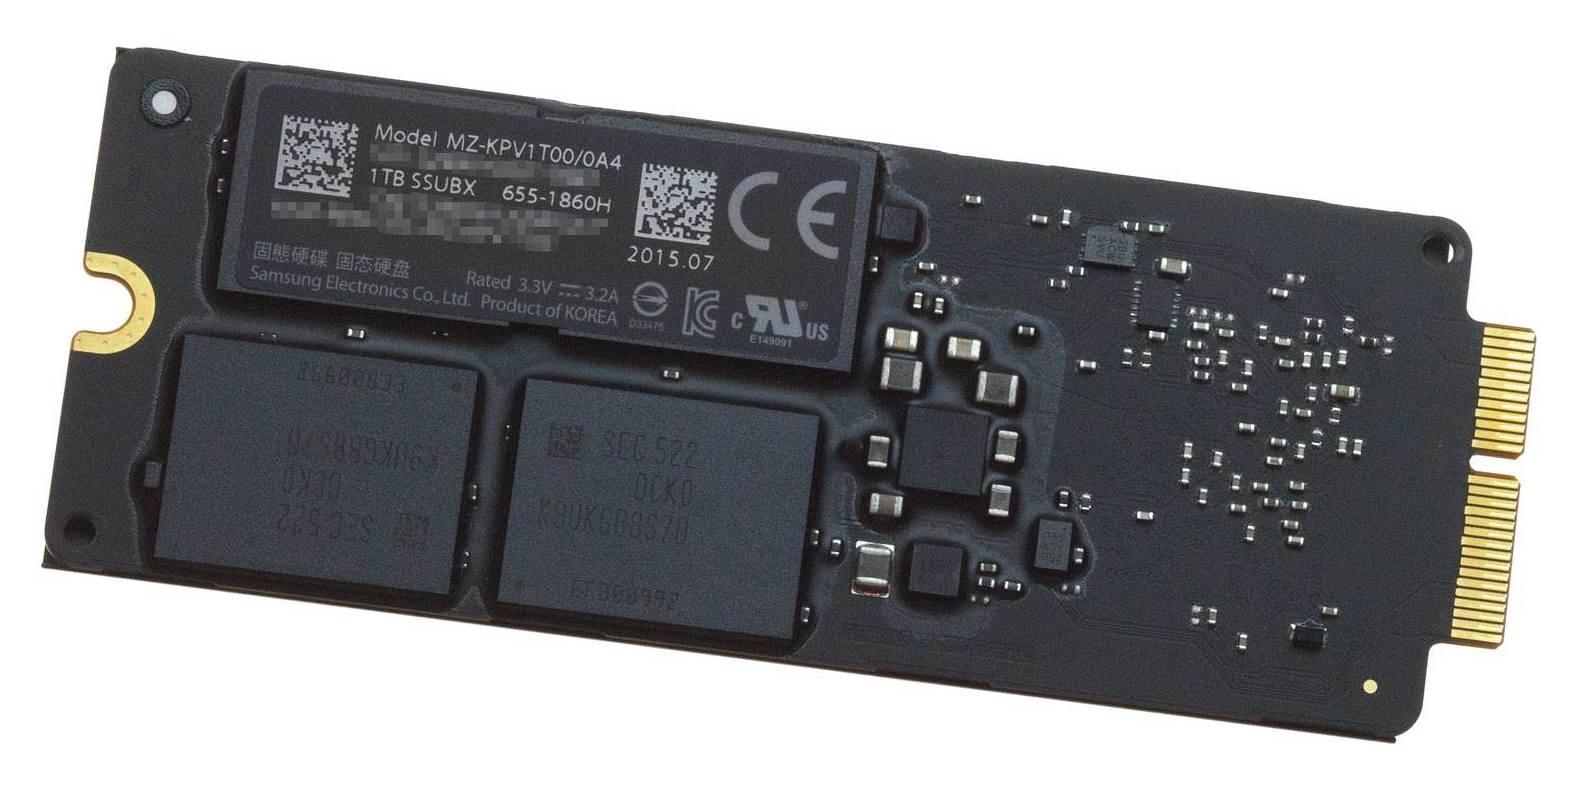 MZ-KPV1T00-0A4-1TB-SSBUX.jpg